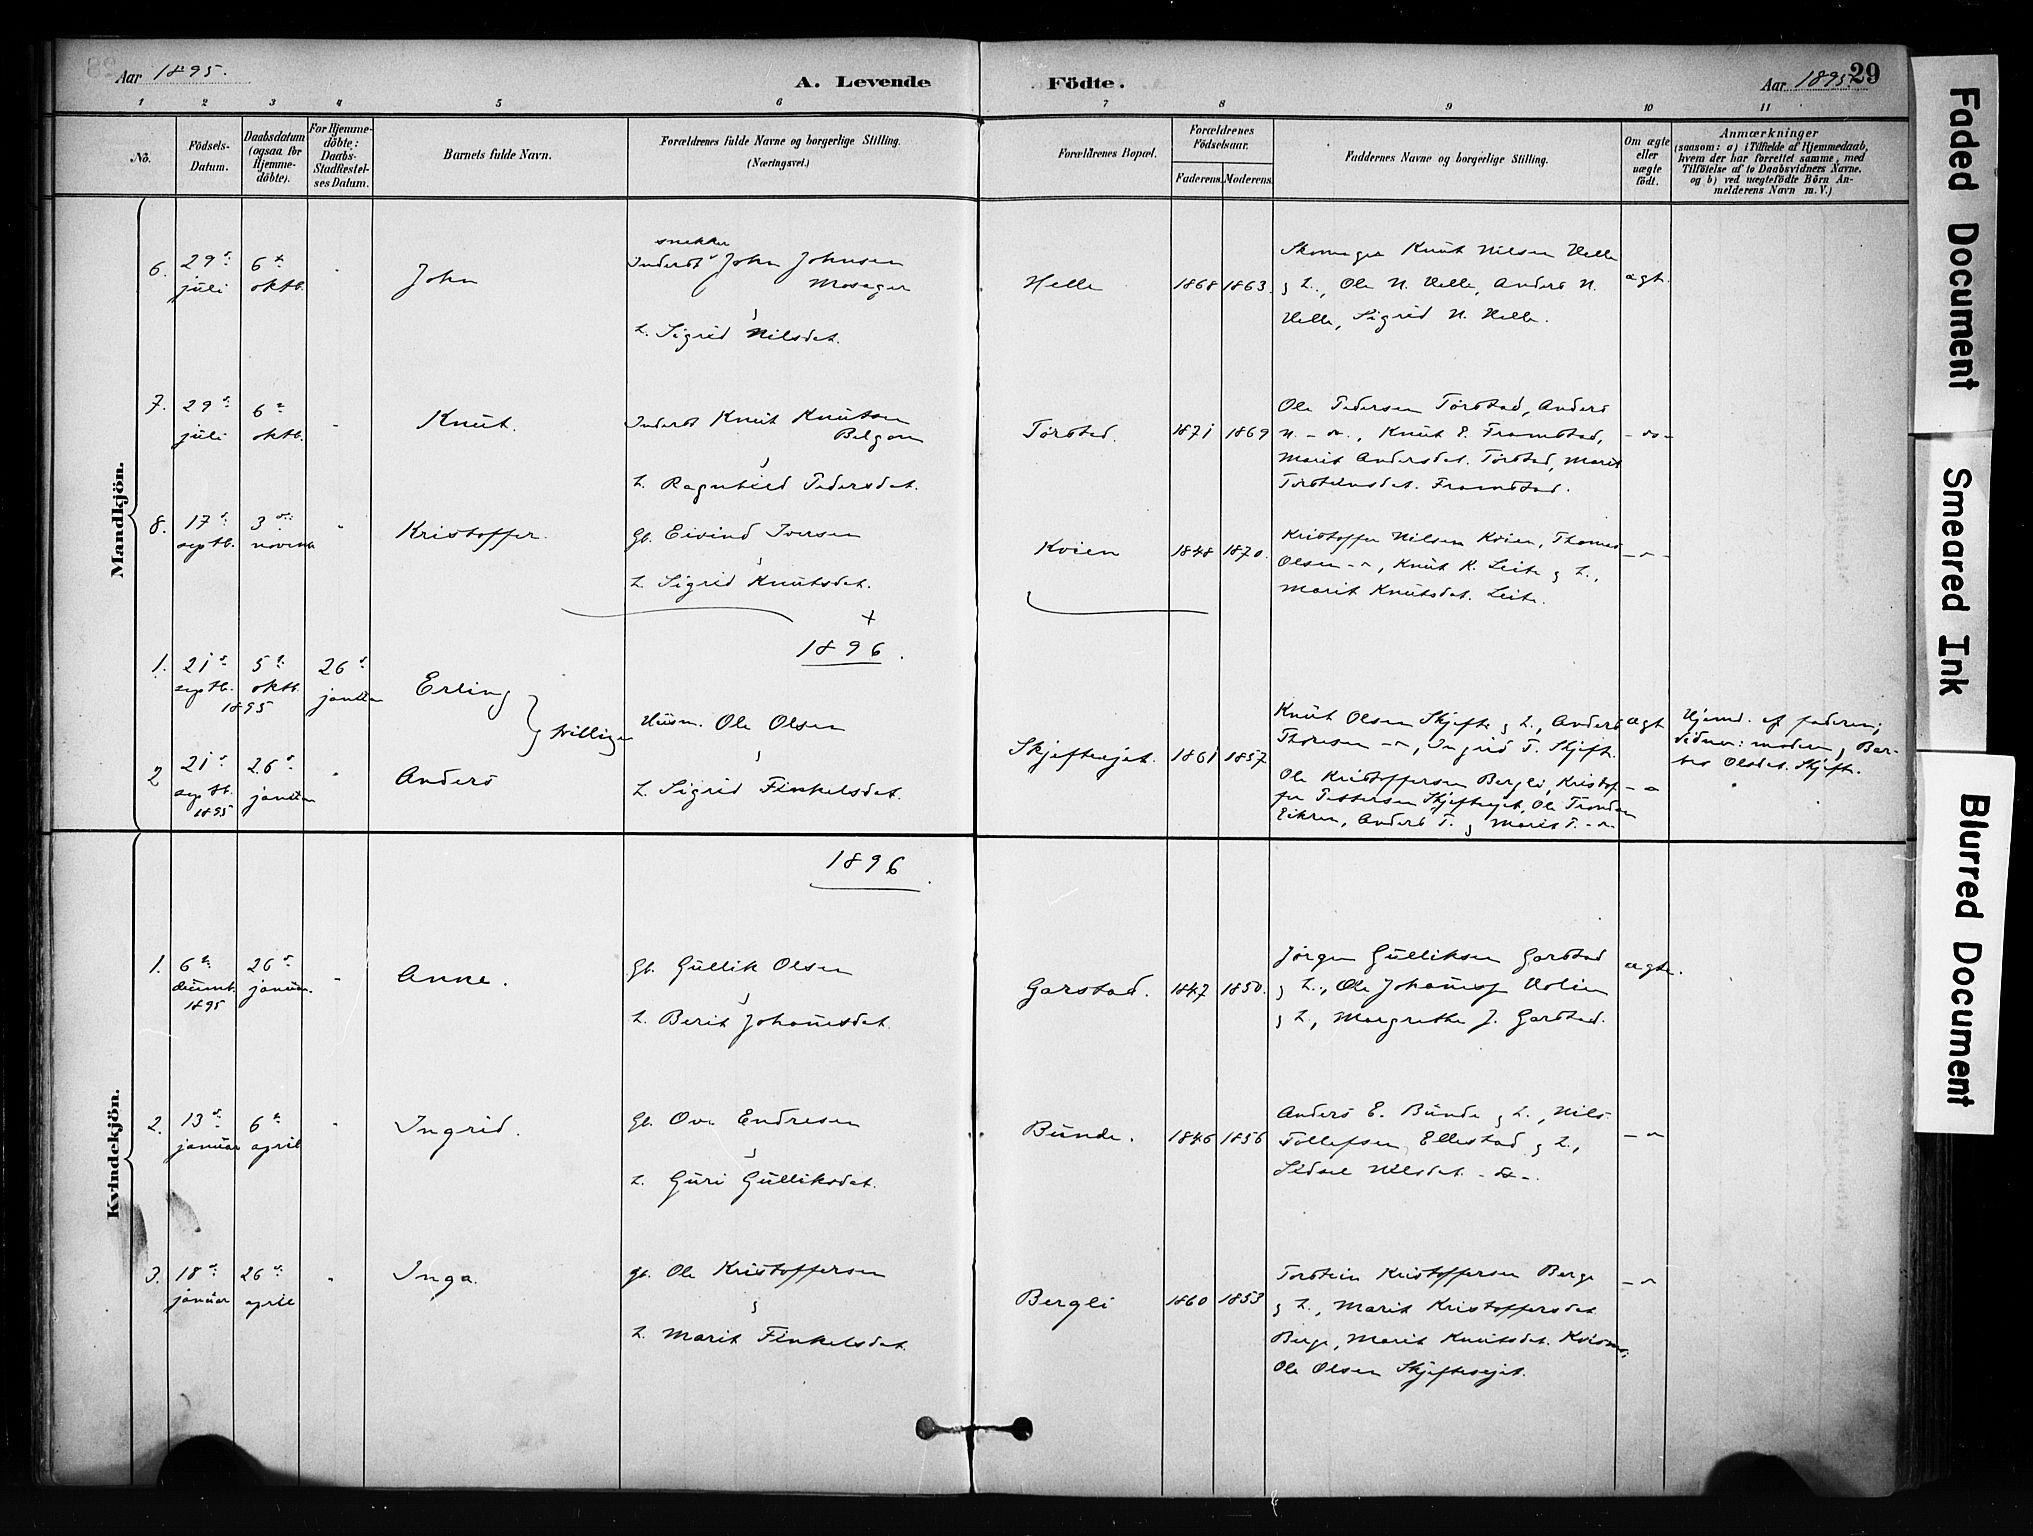 SAH, Vang prestekontor, Valdres, Ministerialbok nr. 9, 1882-1914, s. 29